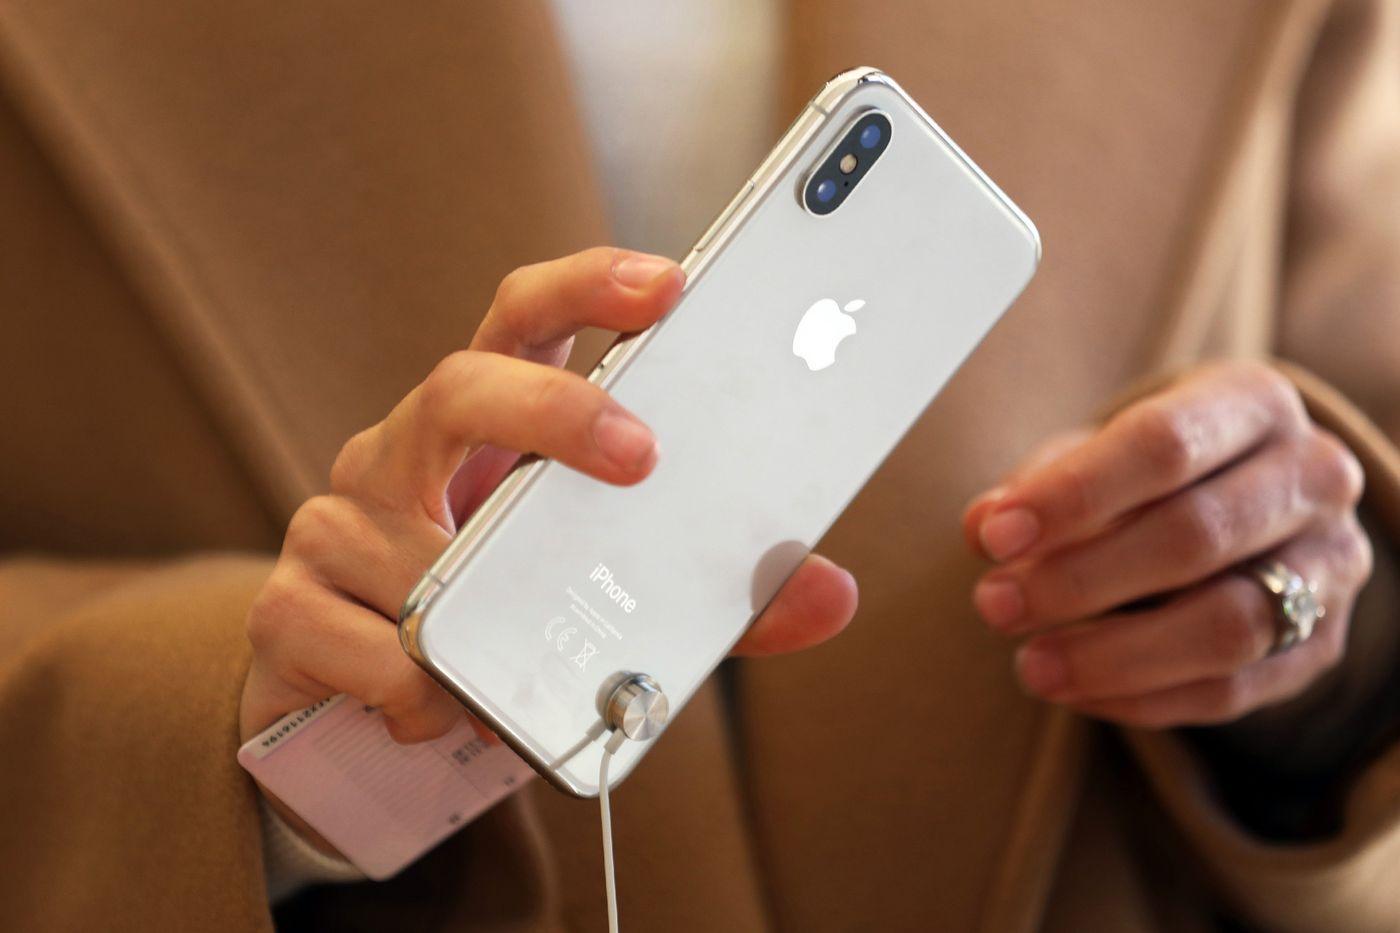 Los desarrolladores podrían crear apps universales para iPhone, iPad y Mac